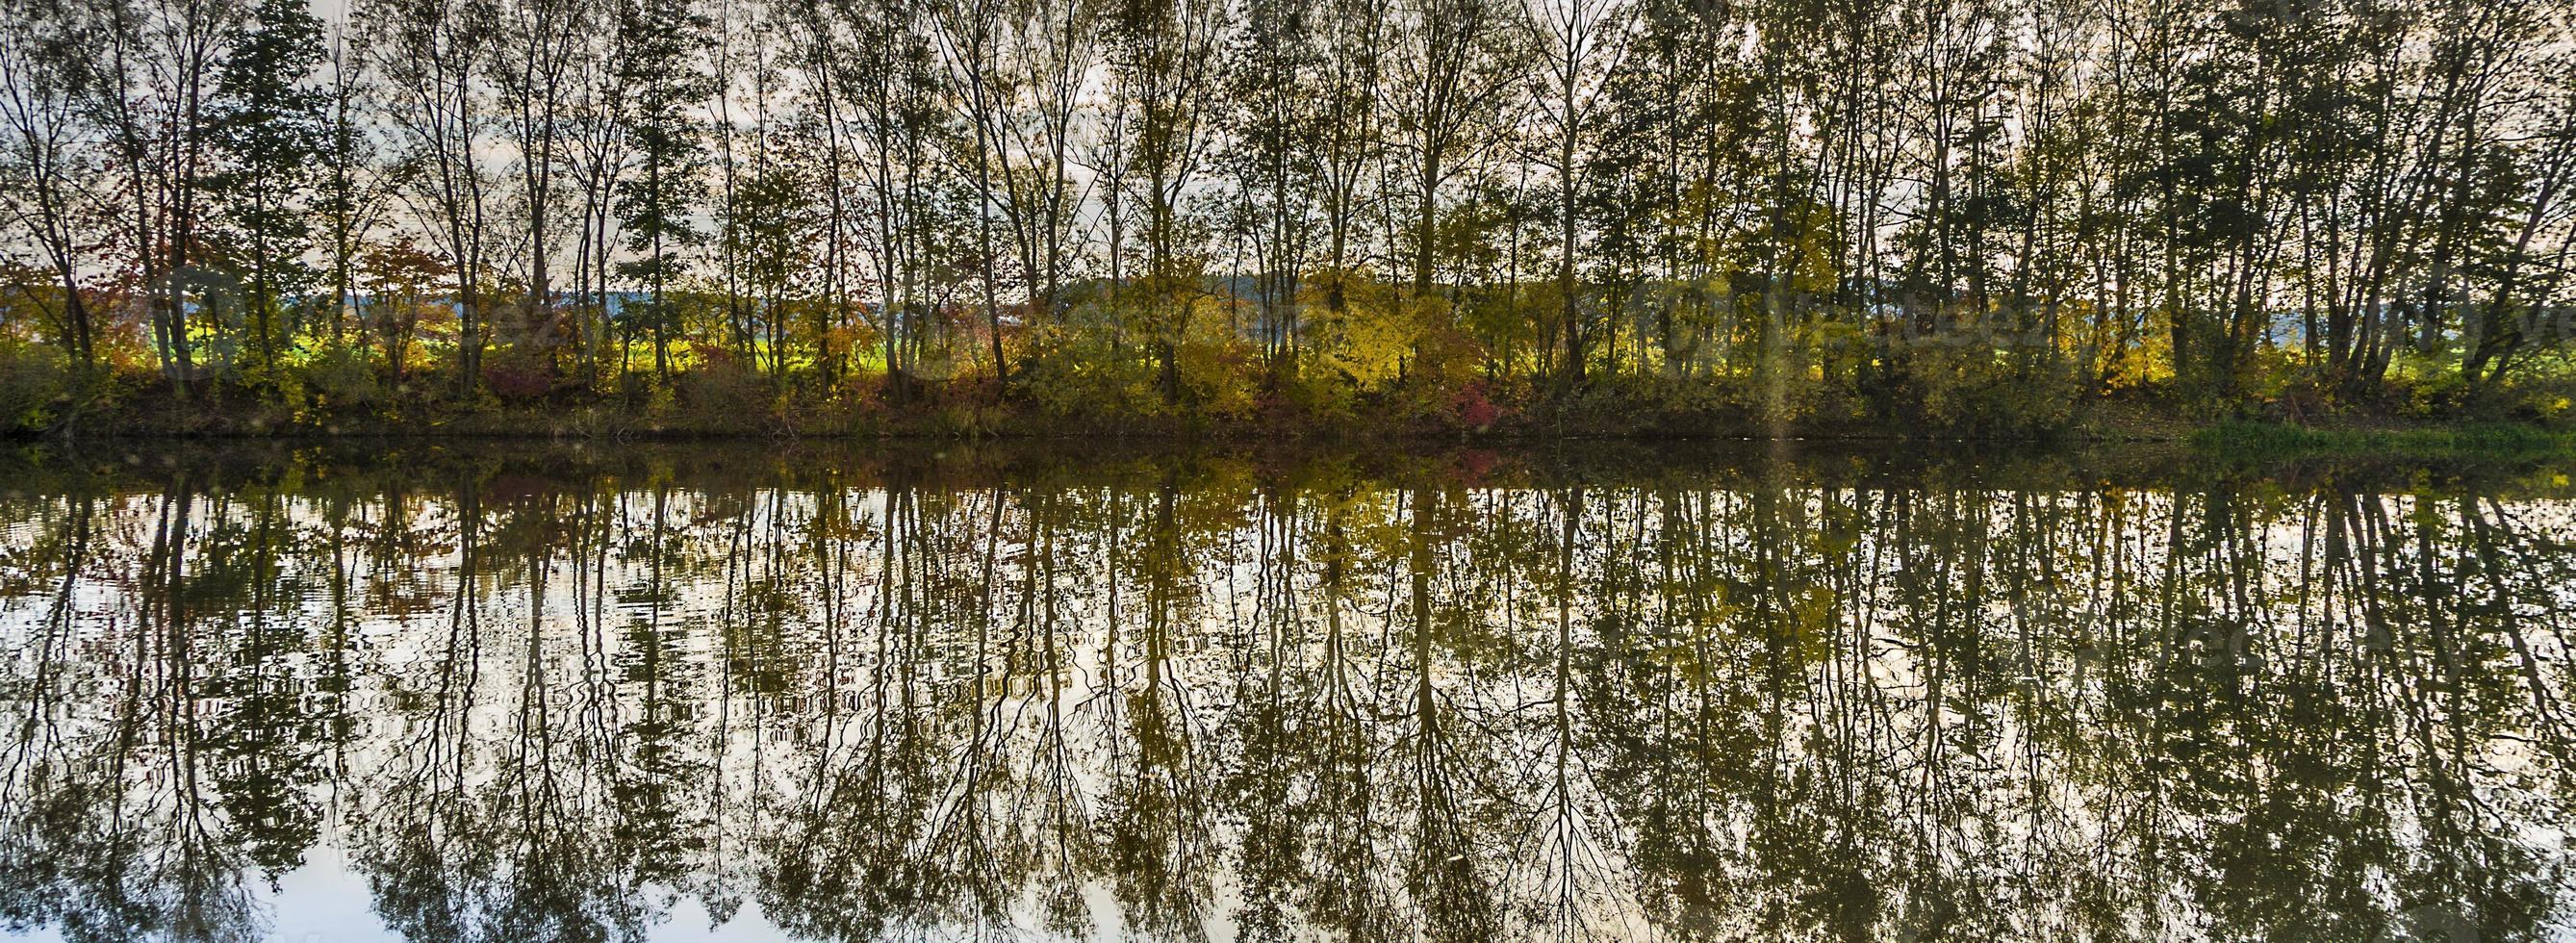 Reflexion von Bäumen im Fluss Tauber foto